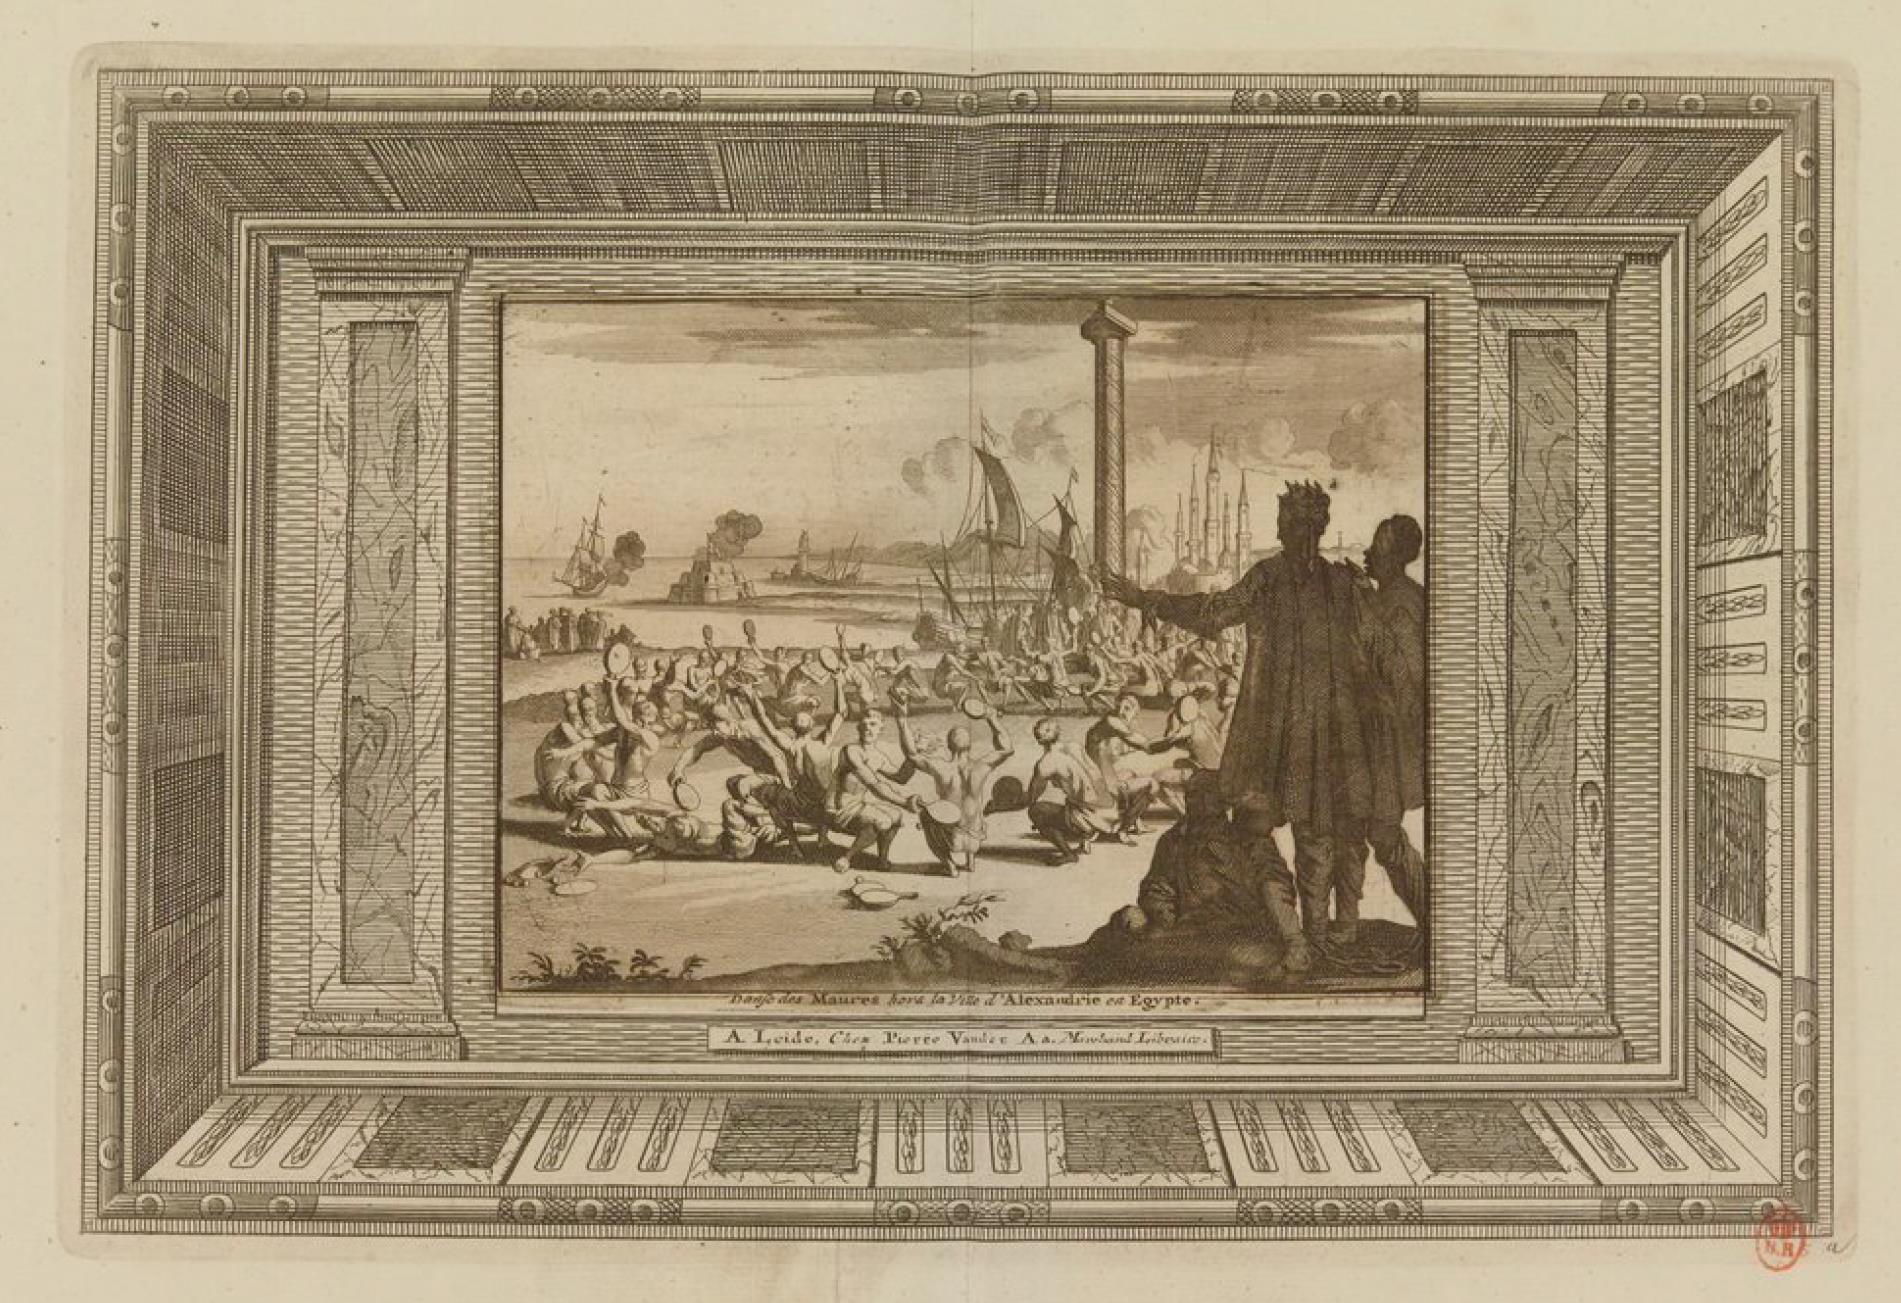 08. Танец мавров в городе Александрия